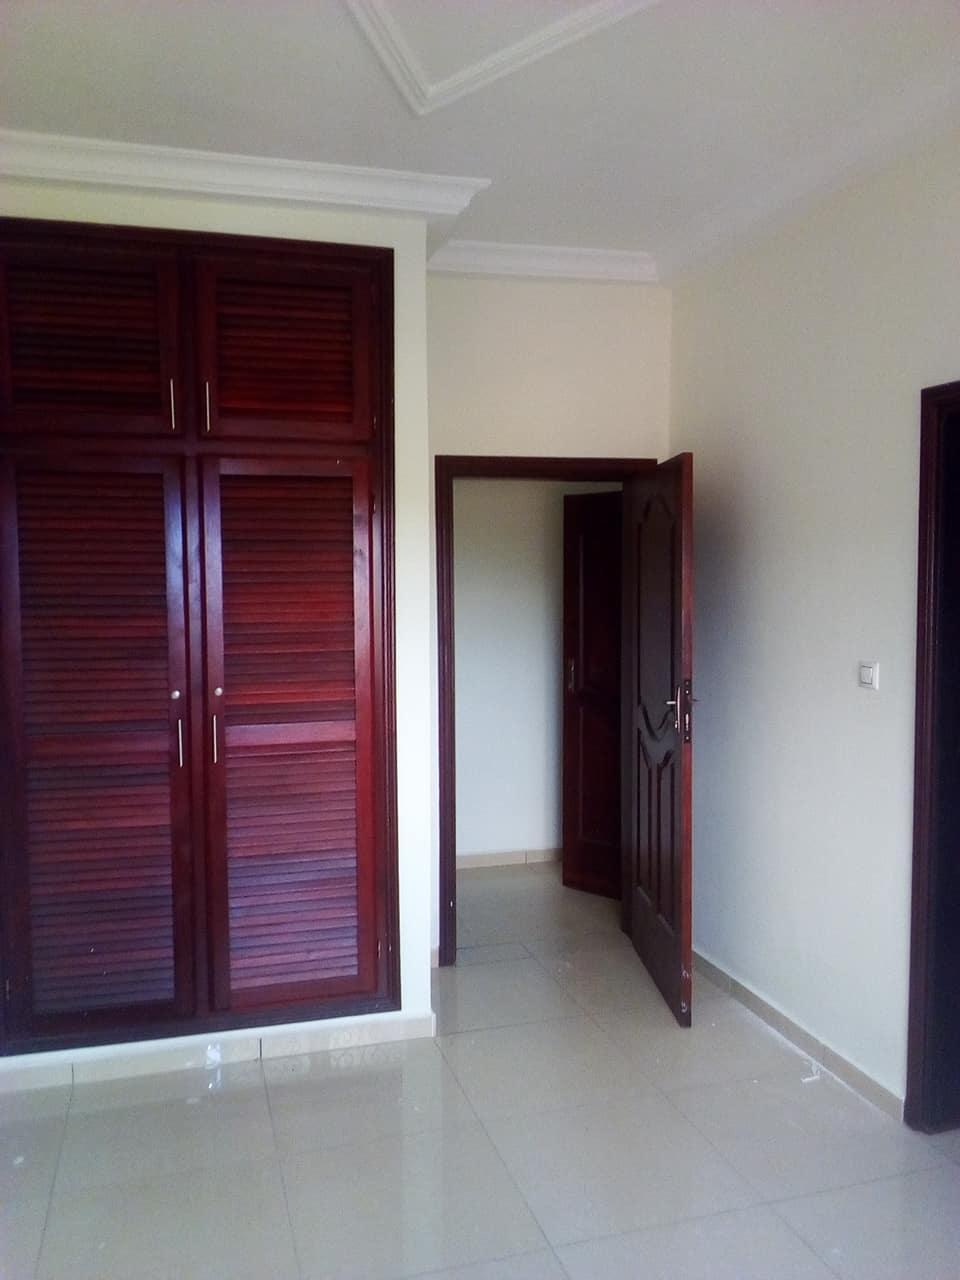 Office to rent at Yaoundé, Bastos, pas loin du golf (immeuble neuf de 18 appartements avec ascenceur -  m2 - 18 000 000 FCFA